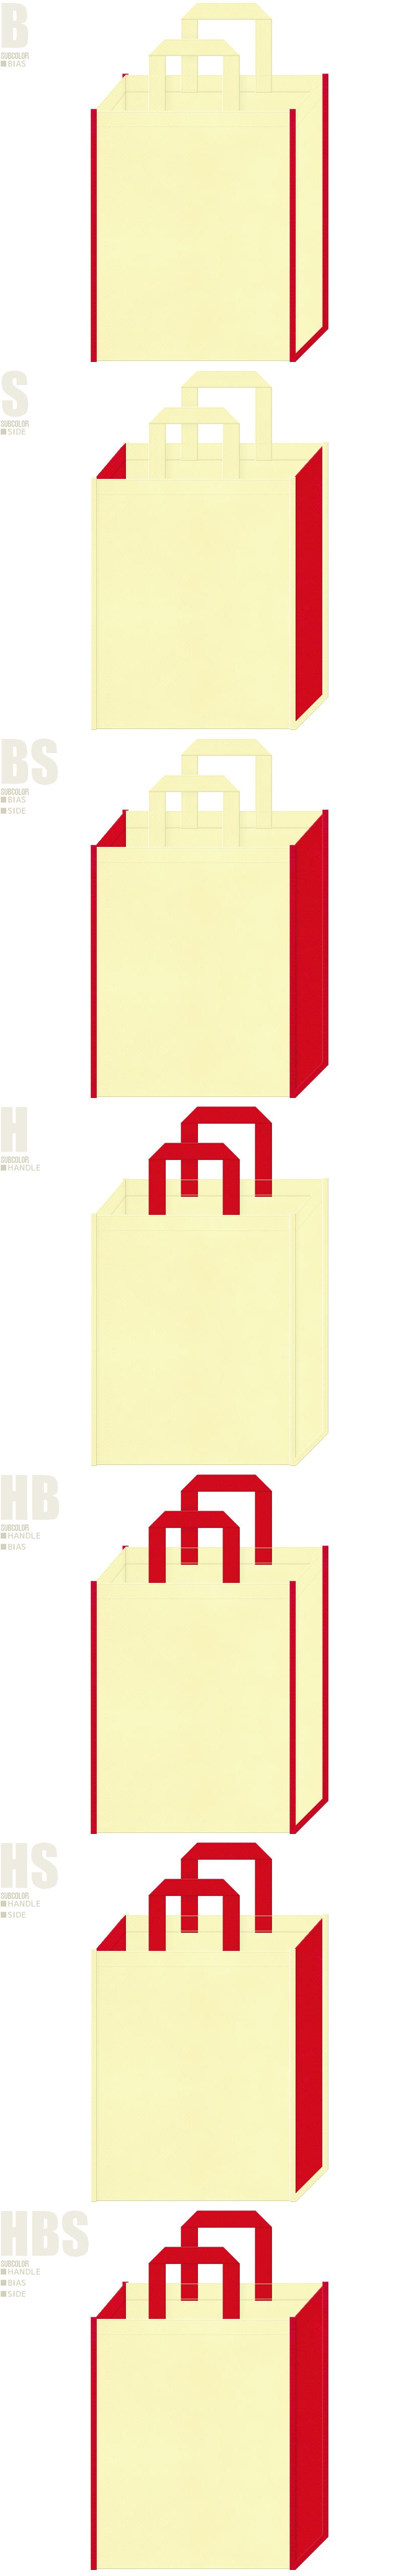 パスタ・ミートソース・トマトケチャップ・マヨネーズ・タバスコ・チーズ・ピザ・七五三・節分・ひな祭り・和風催事・キッズイベントにお奨めの不織布バッグデザイン:薄黄色と紅色の配色7パターン。